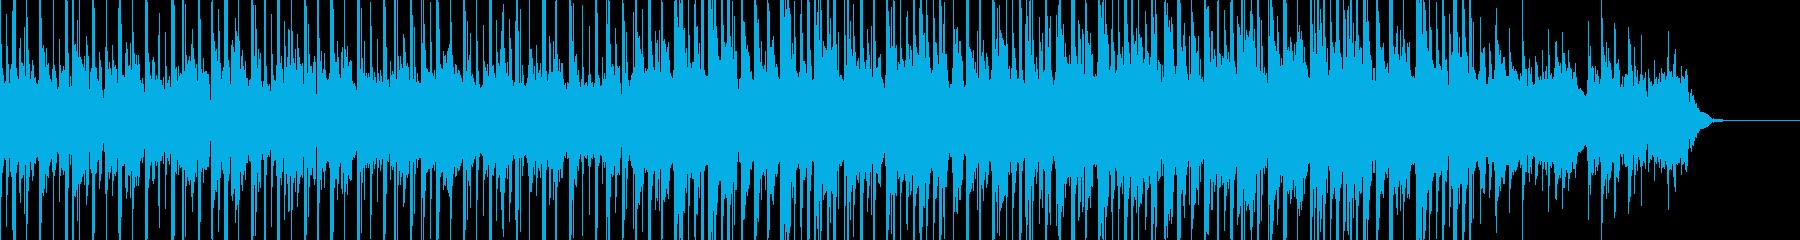 ループ可、カワイイ、CM、ビートとシンセの再生済みの波形